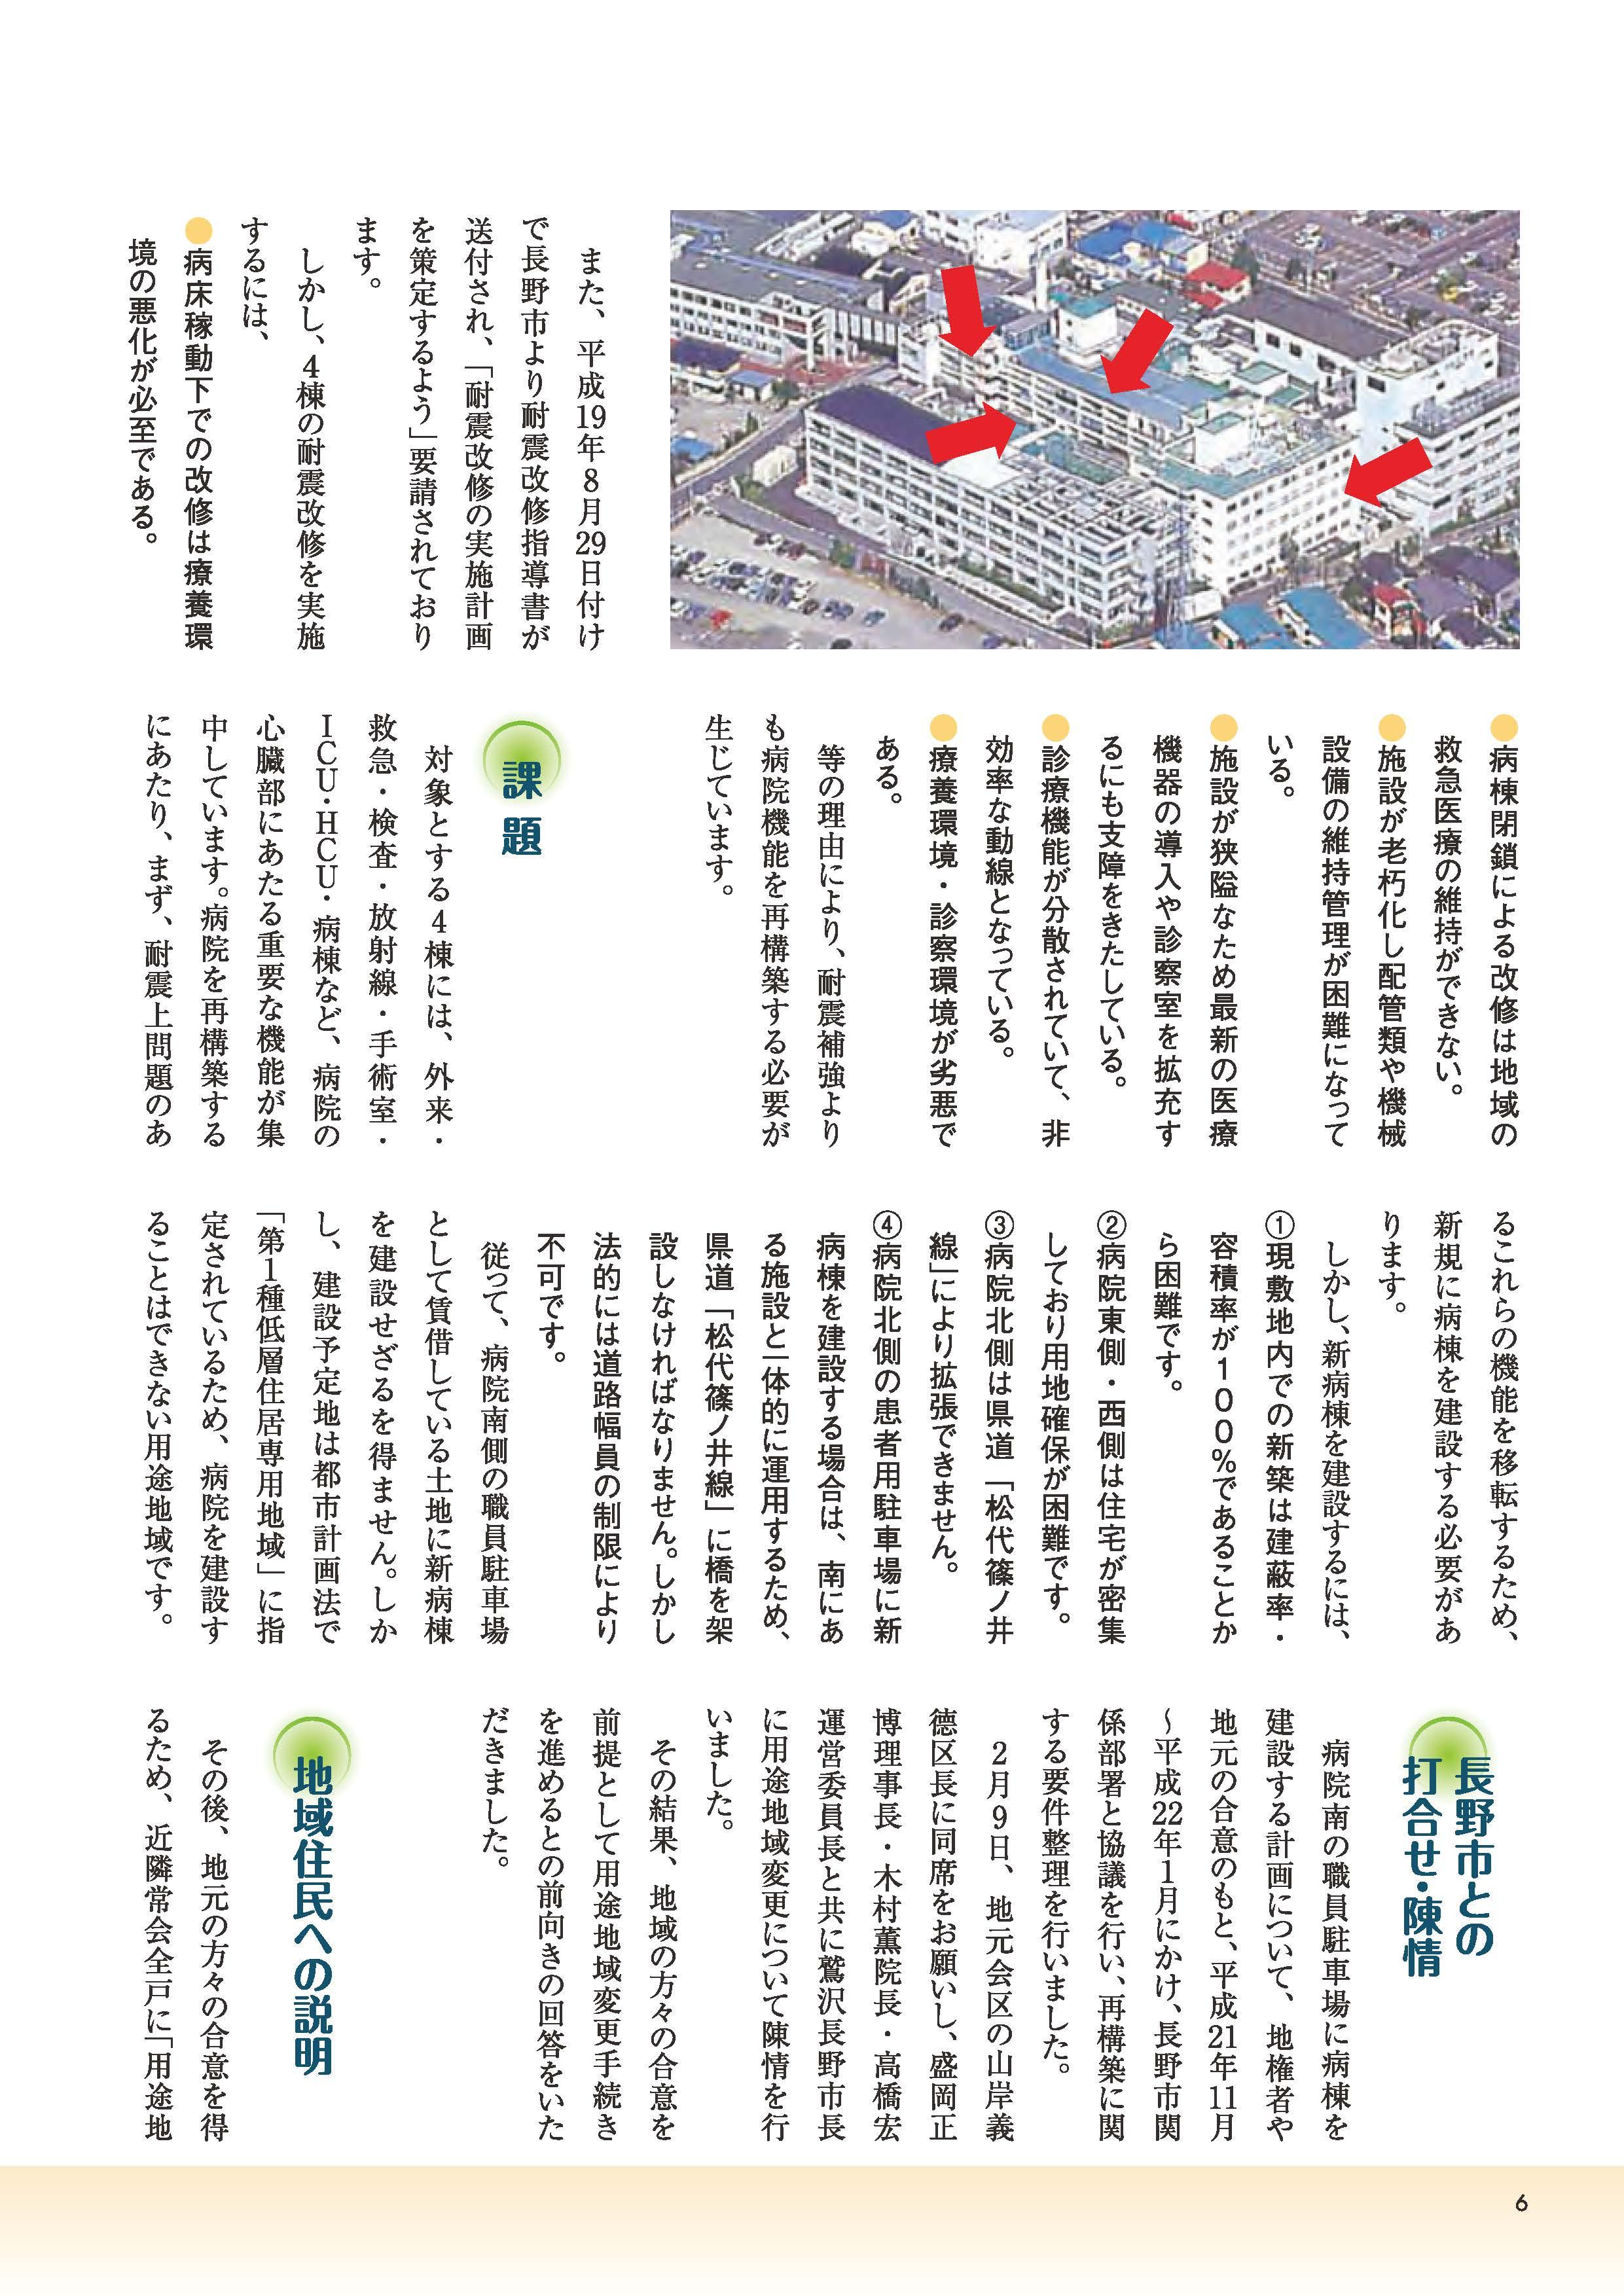 再構築計画について1_ページ_2